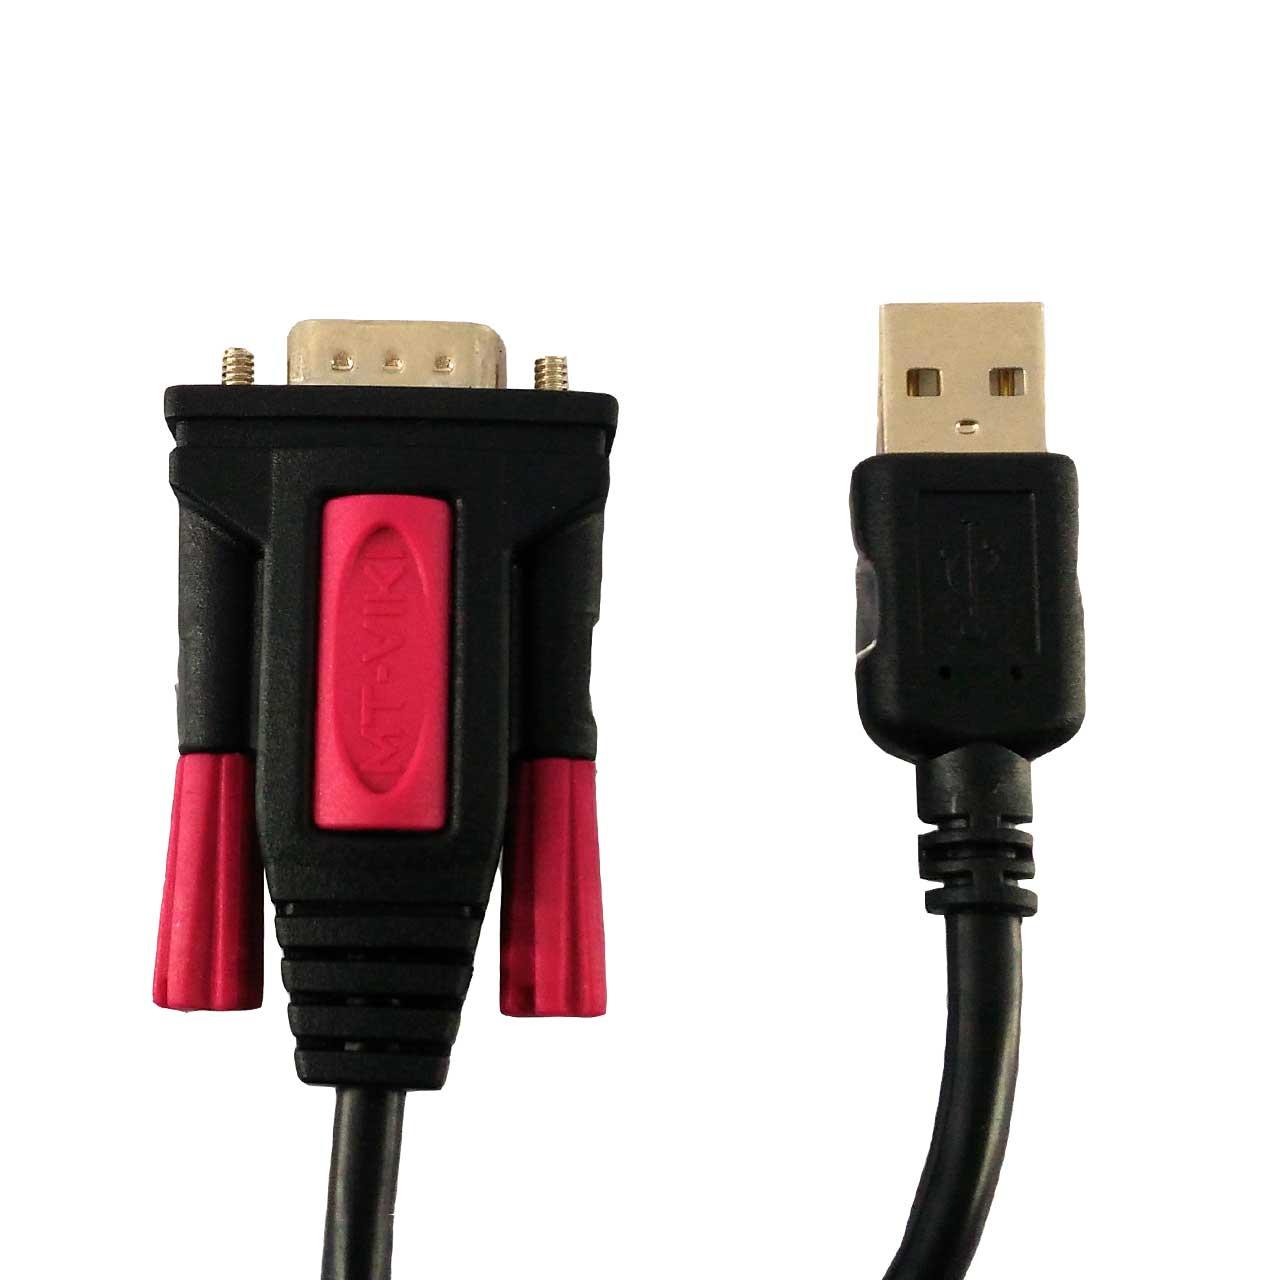 کابل تبدیل USB به سریال RS232 ام تی ویکی مدل MT-3001 طول 1.5 متر